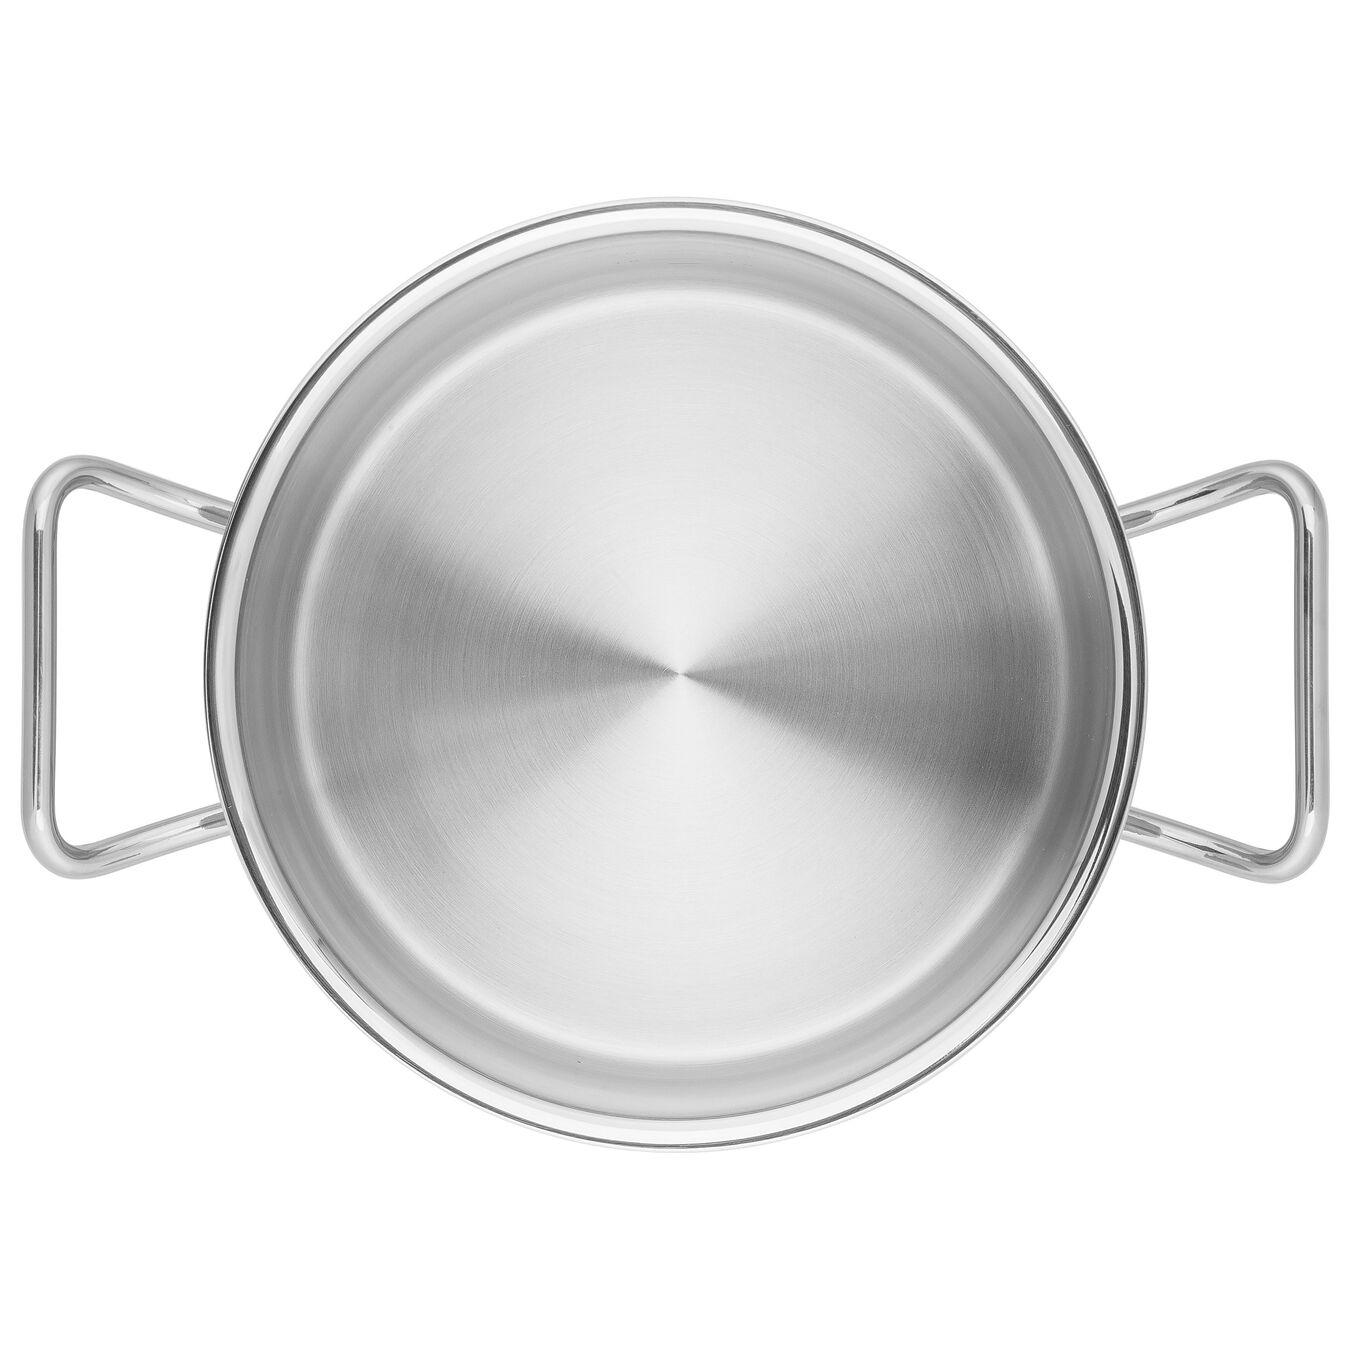 Servierpfanne, 24 cm | rund,,large 4